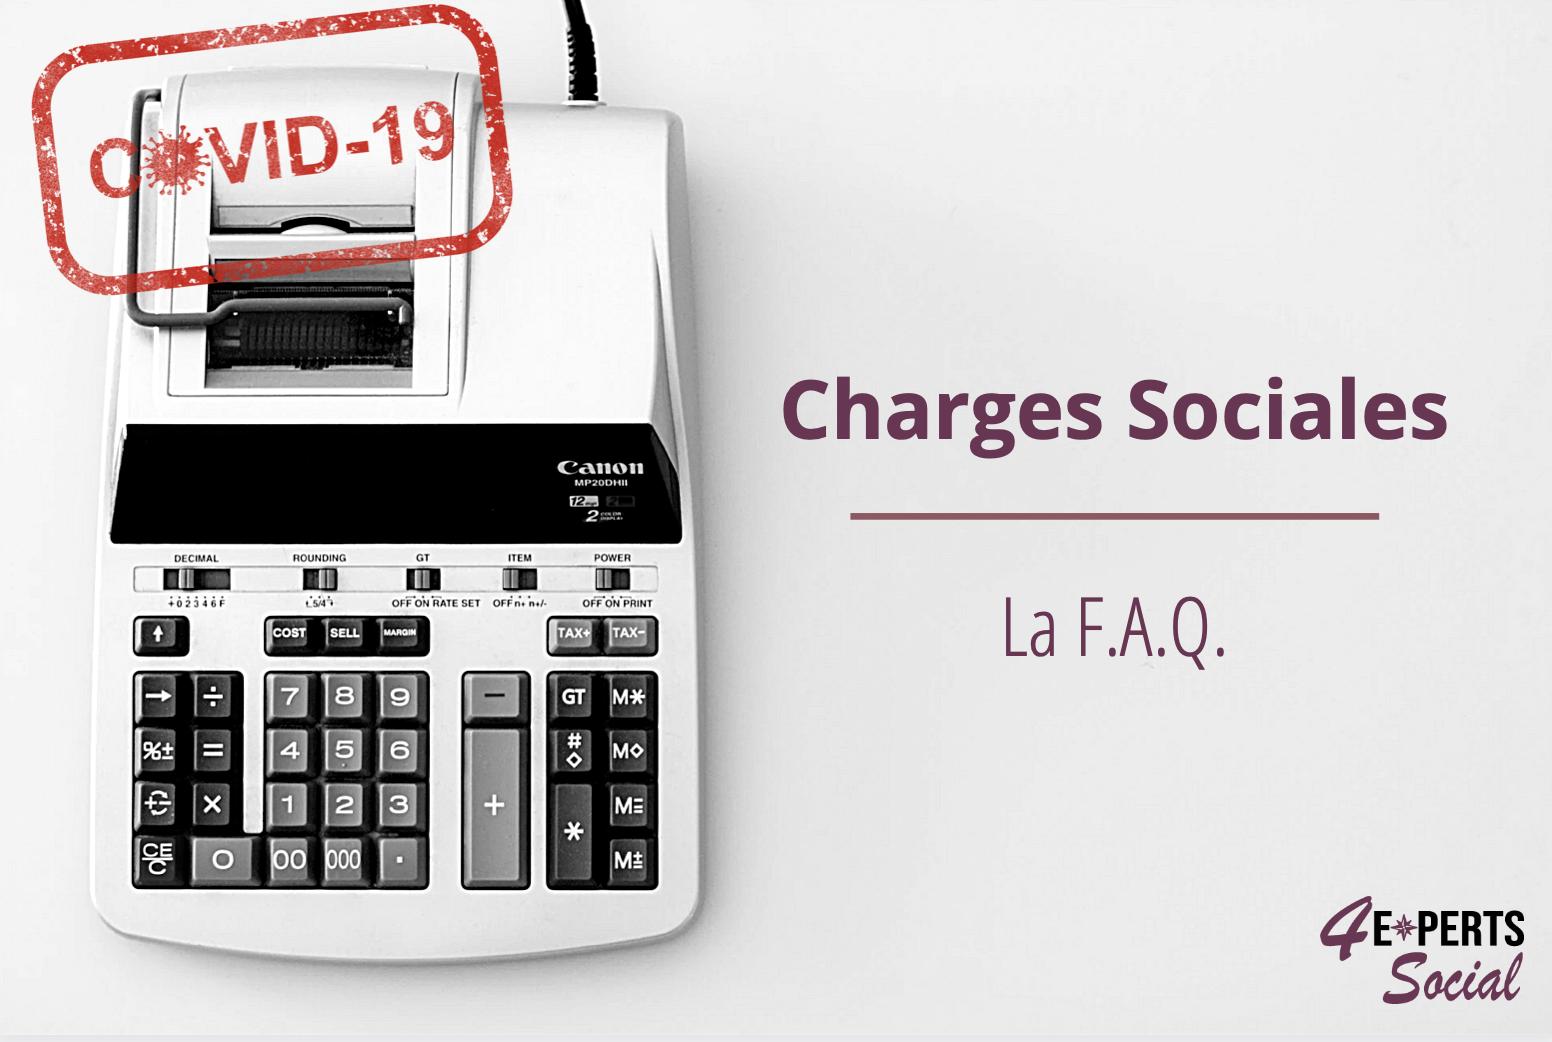 Charges Sociales - la F.A.Q.